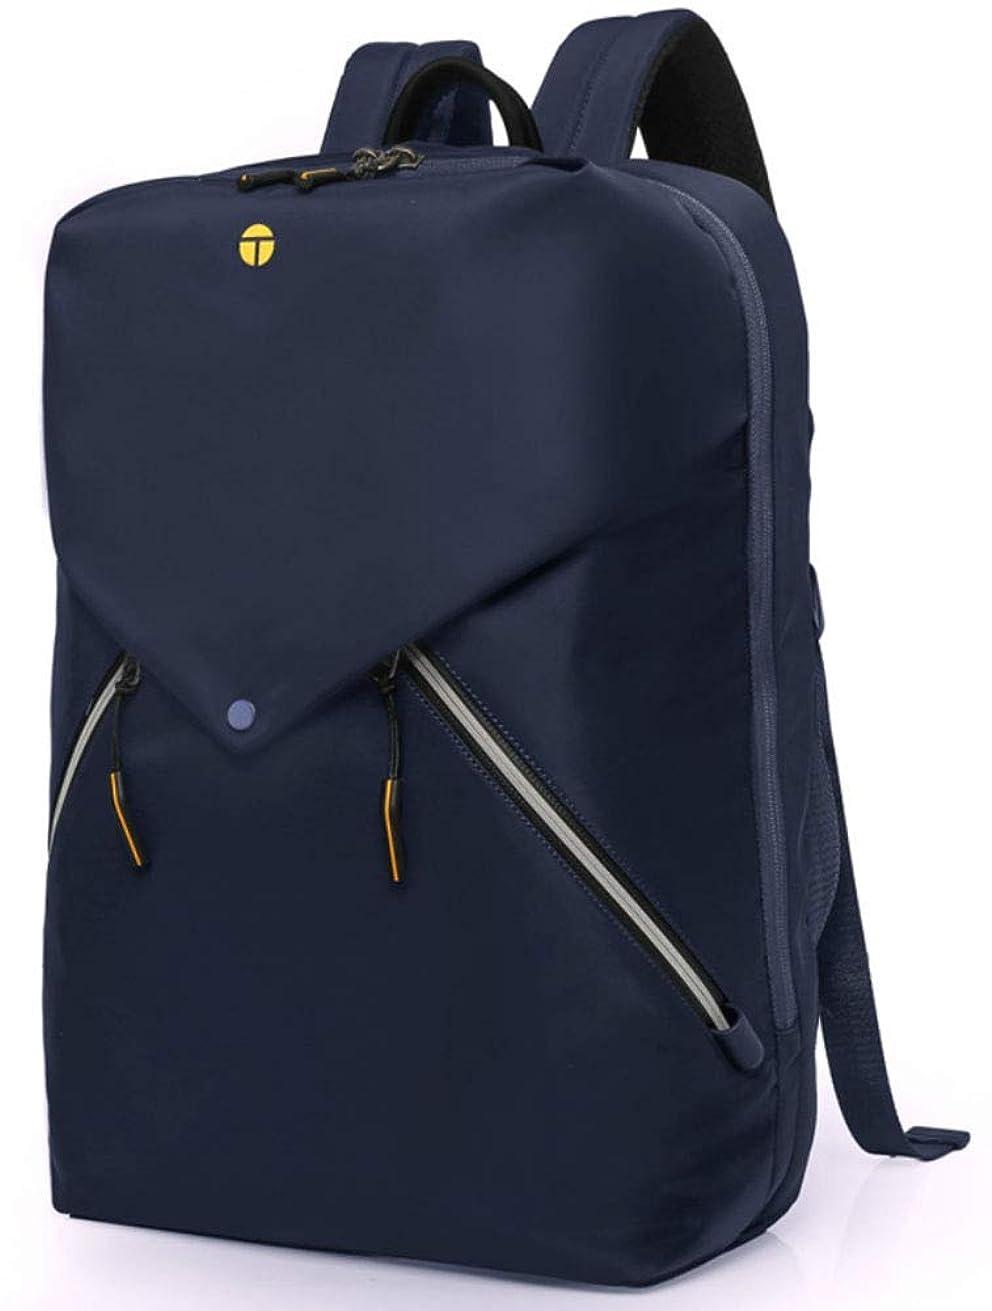 法律議論する道徳教育[NOSYU] リュック バックパック リュックサック ビジネスリュック メンズ レディース カジュアル pc収納可能 男女兼用 軽量 大容量 通勤 通学 旅行 鞄 バッグ カバン